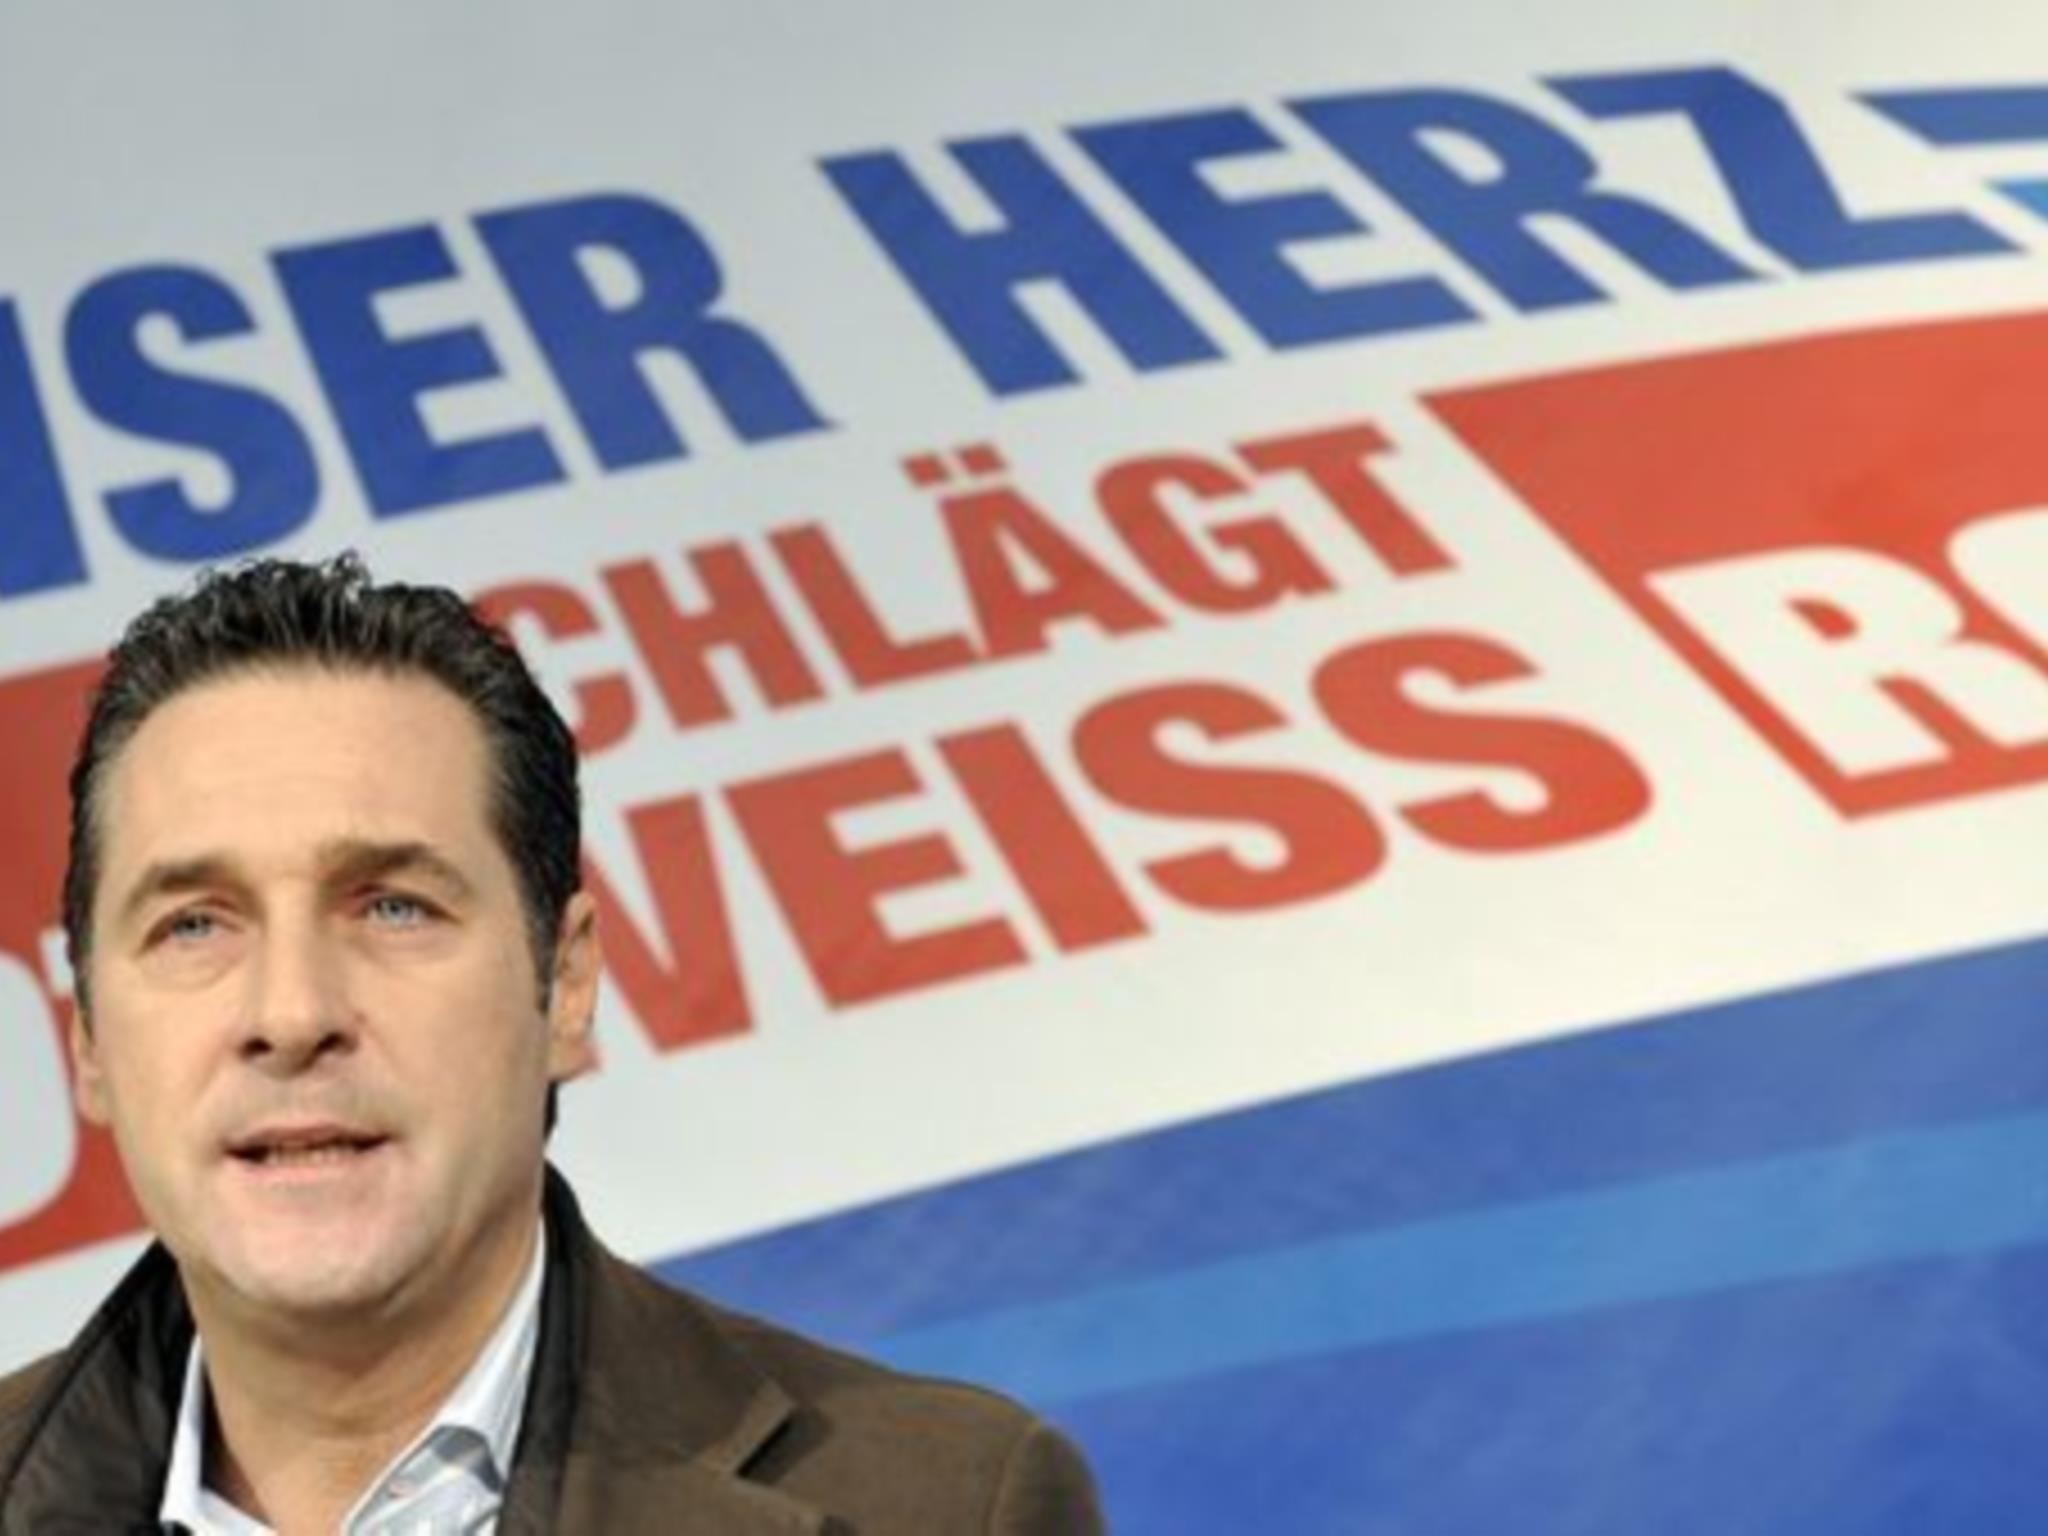 Hein-Christian Strache wird sich auch in Zukunft für den WKR-Ball einsetzen.